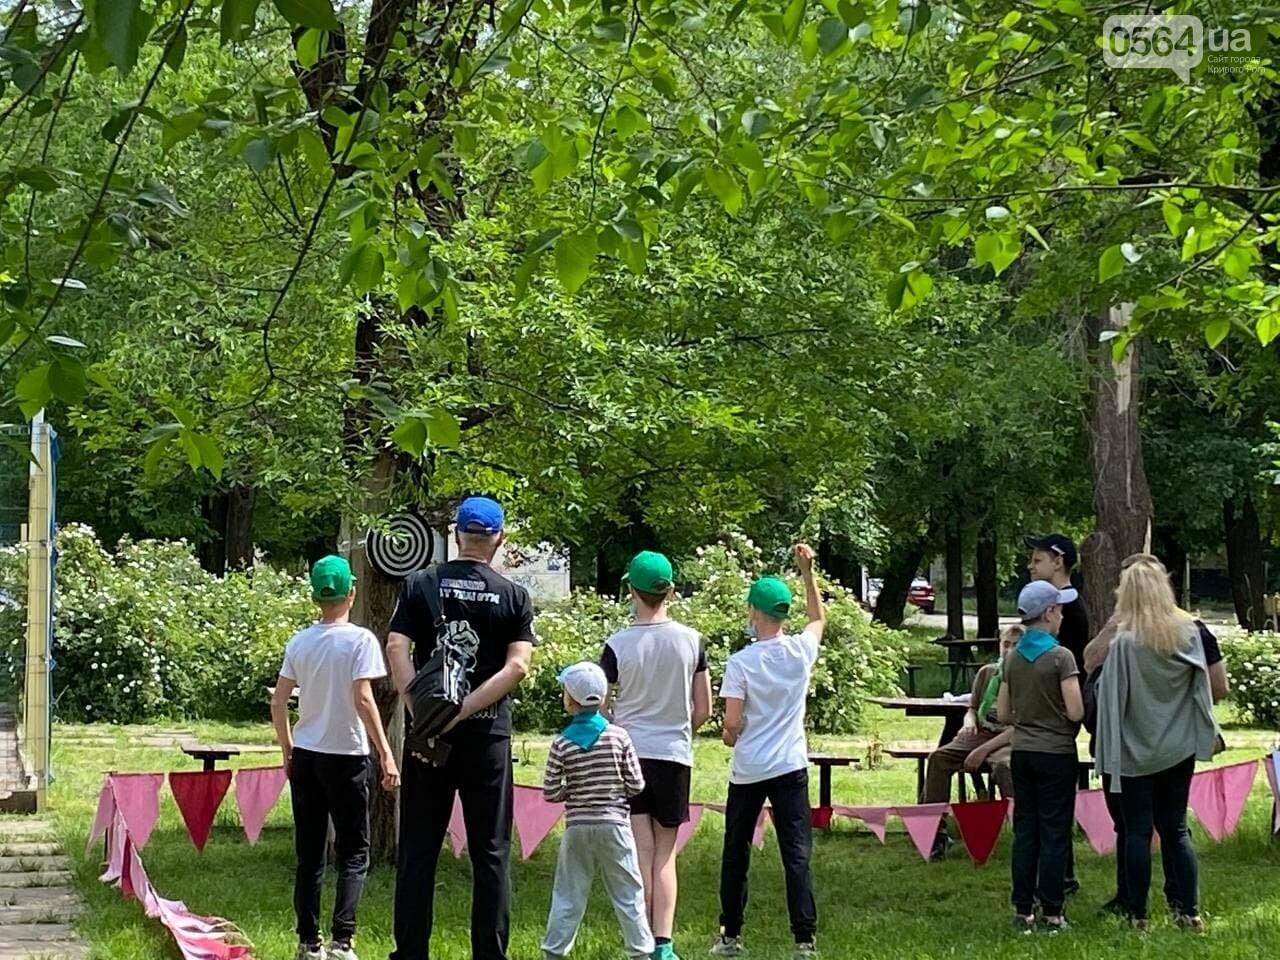 В Кривом Роге для детей провели спартакиаду, - ФОТО, ВИДЕО  , фото-45